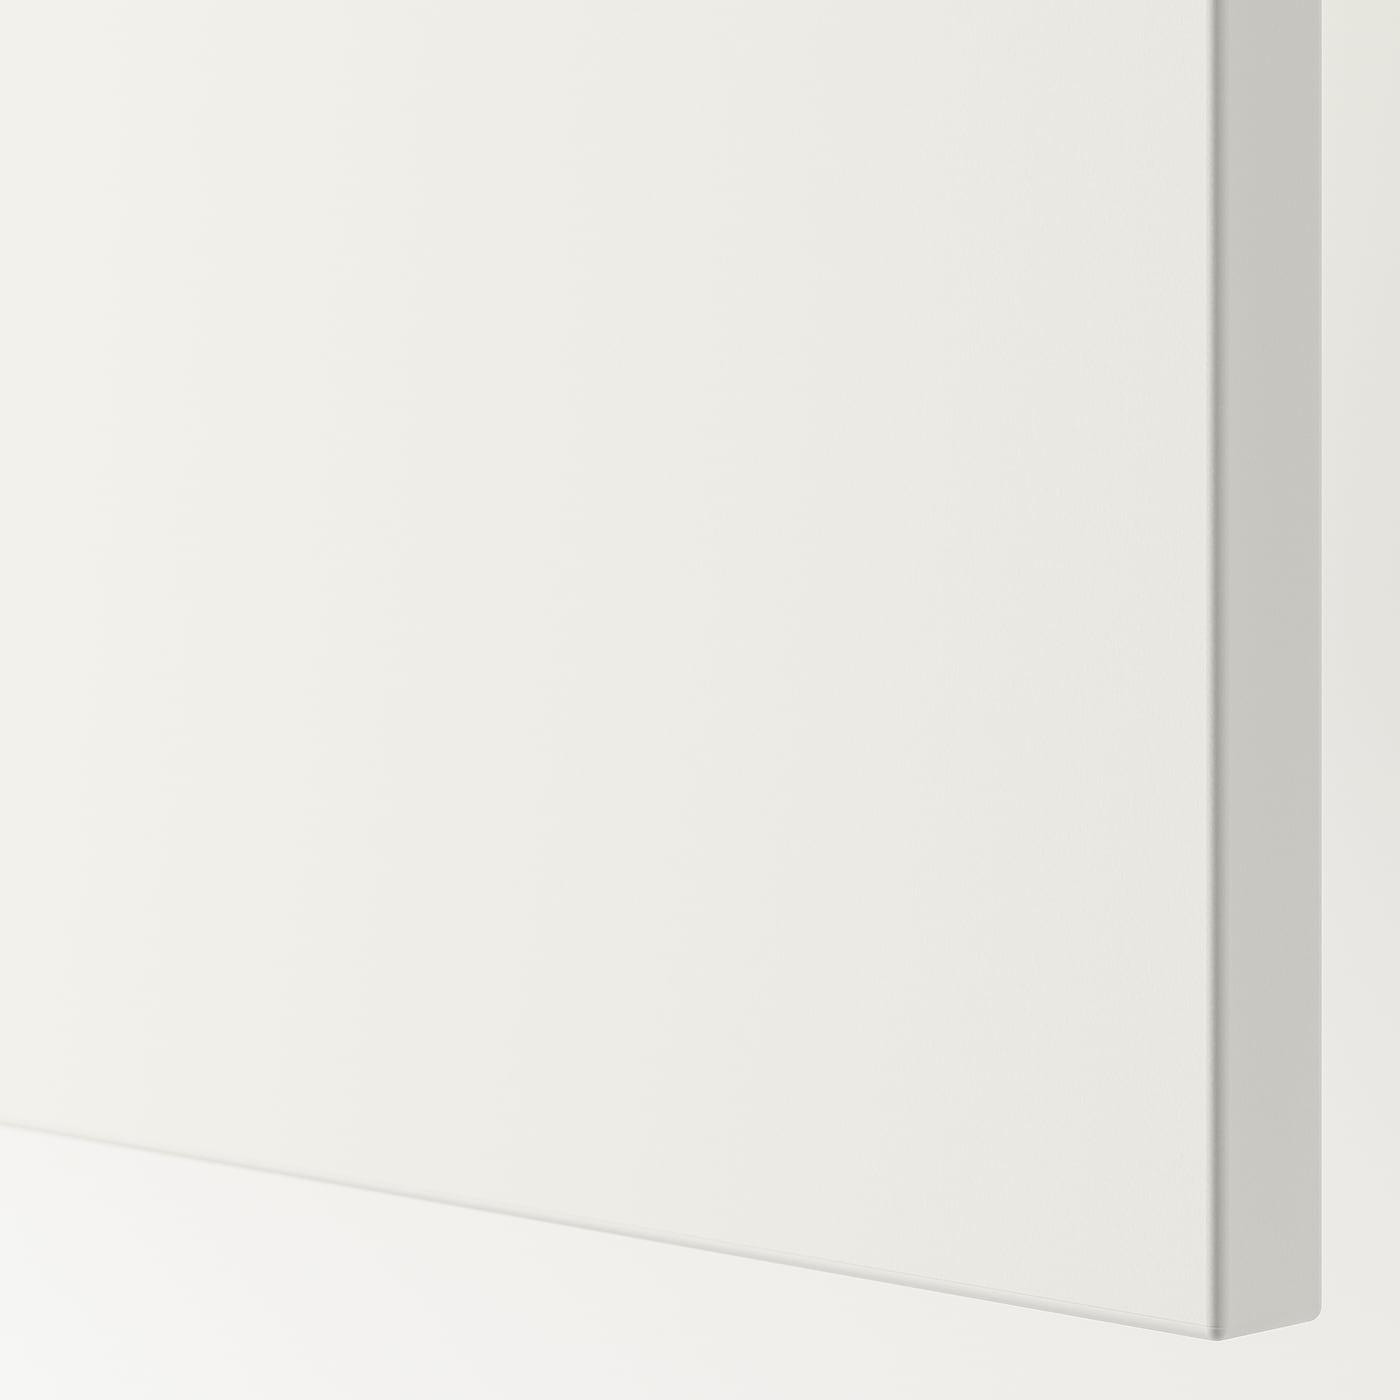 FONNES Fiók, fehér/fehér, 60x42x20 cm